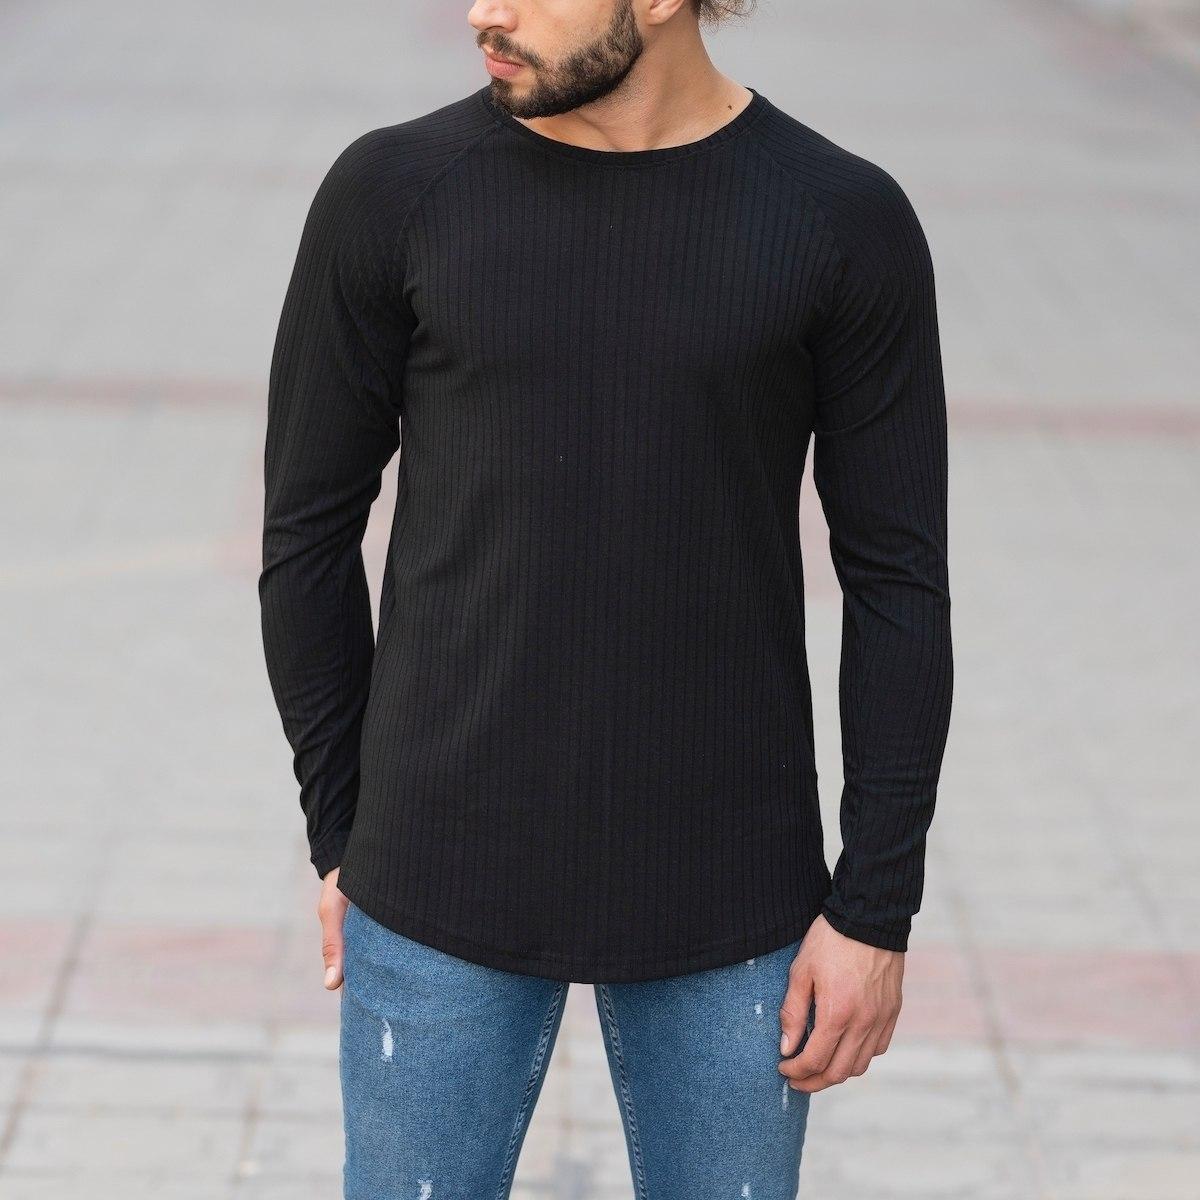 Black Sweatshirt With Stripe Details Mv Premium Brand - 1